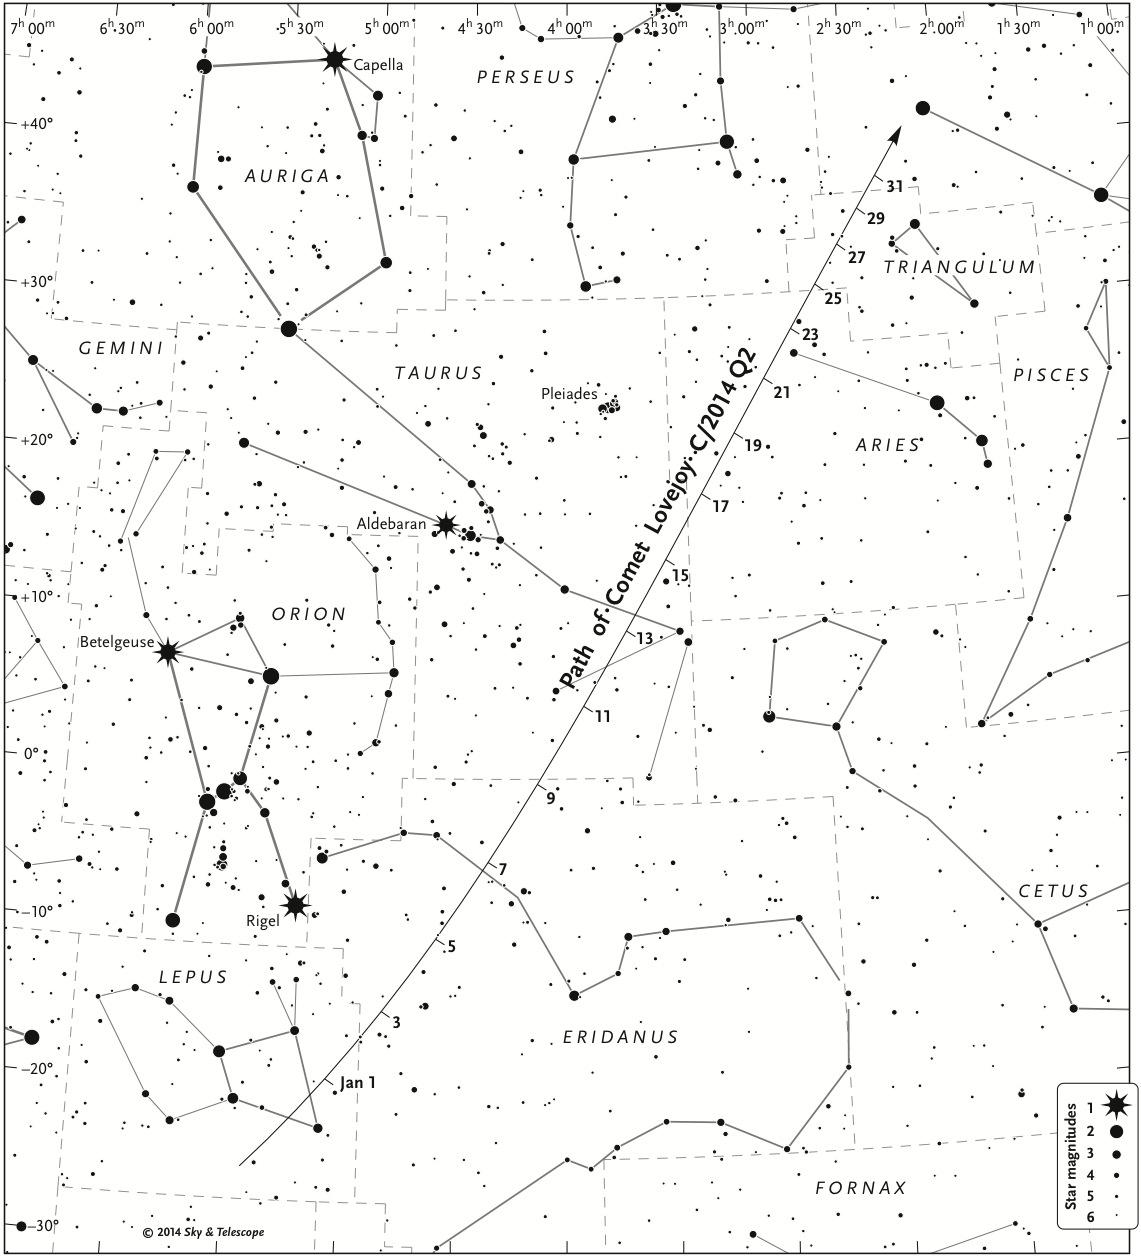 Comet Lovejoy path